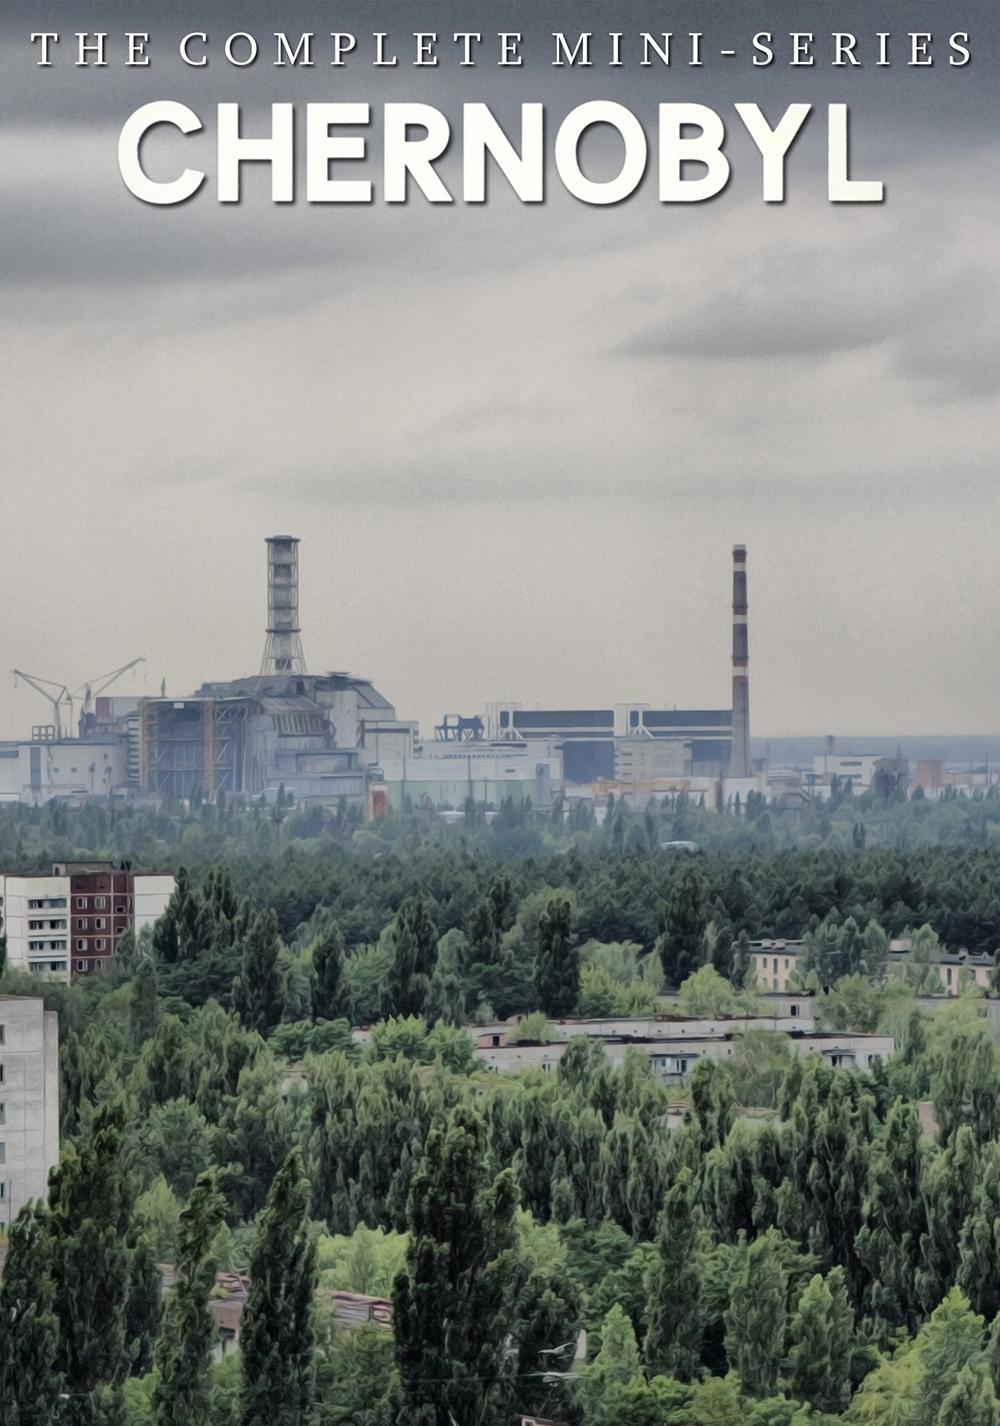 Chernobyl serie cuevana